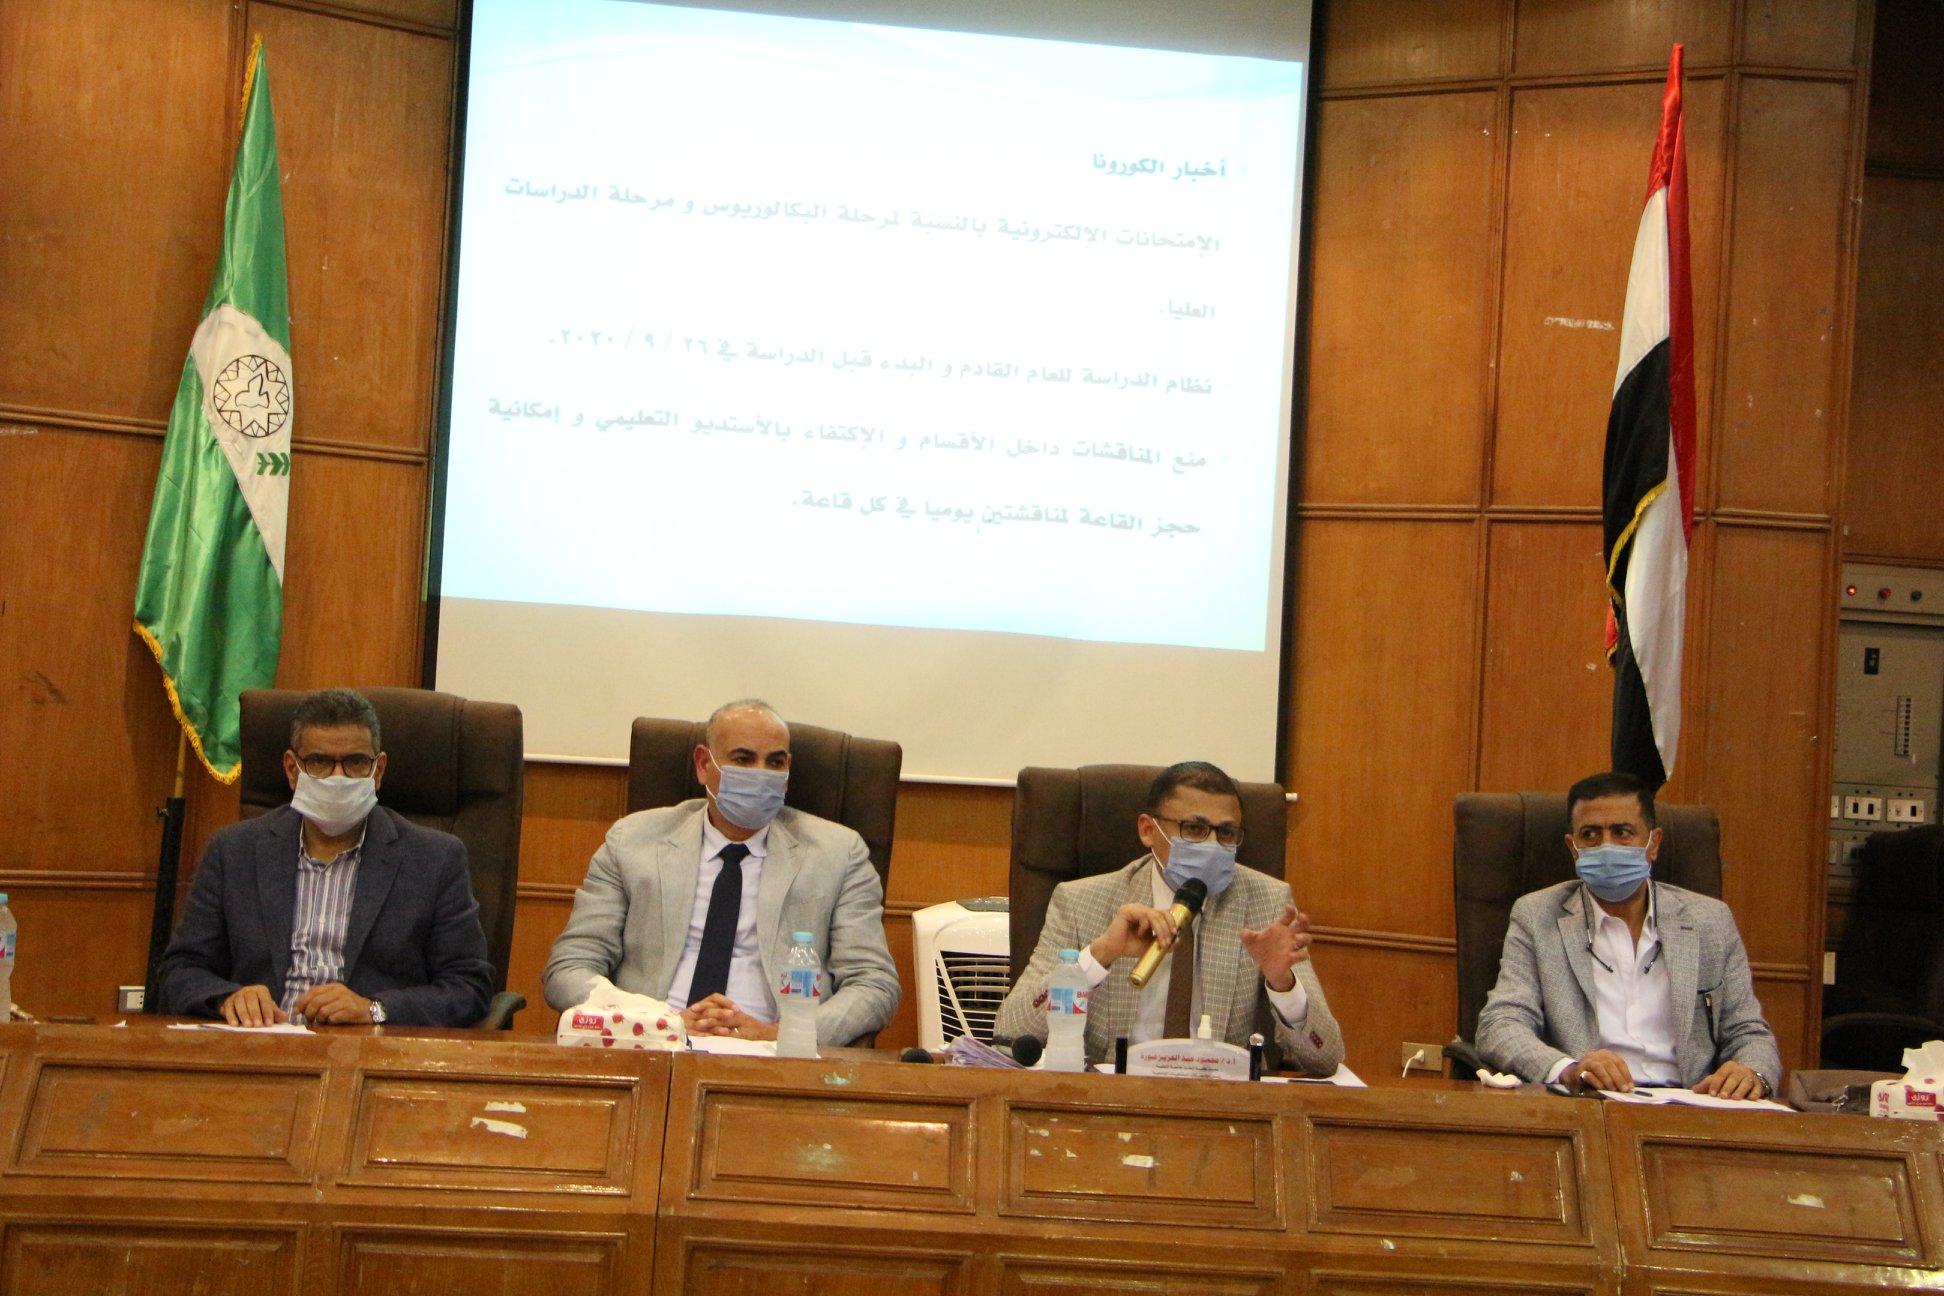 مجلـس كليـة طـب المنوفيــة يعقد جلستـه الأولــي للعـام الجامعــي 2020 / 2021